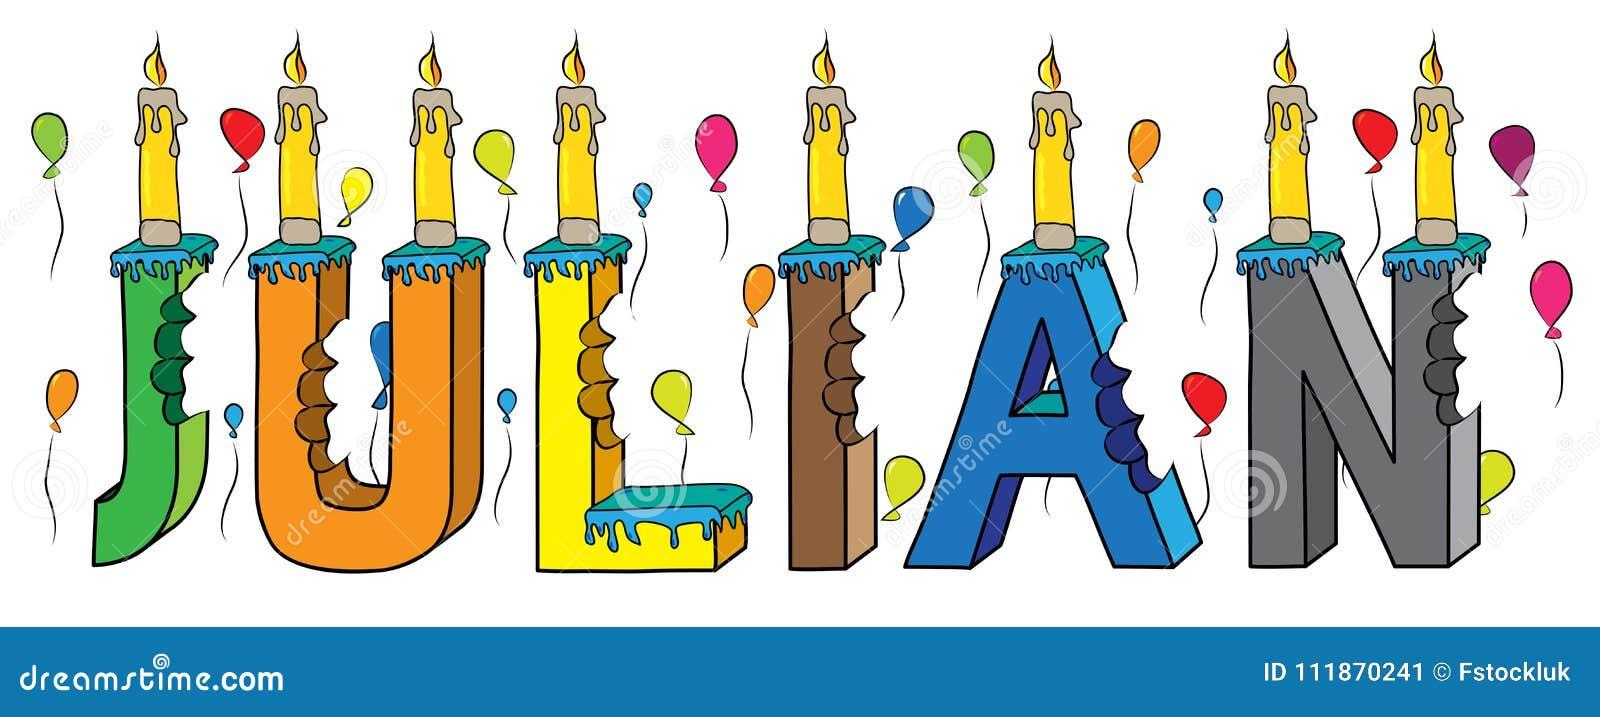 Nome masculino juliano bolo de aniversário colorido mordido da rotulação 3d com velas e balões